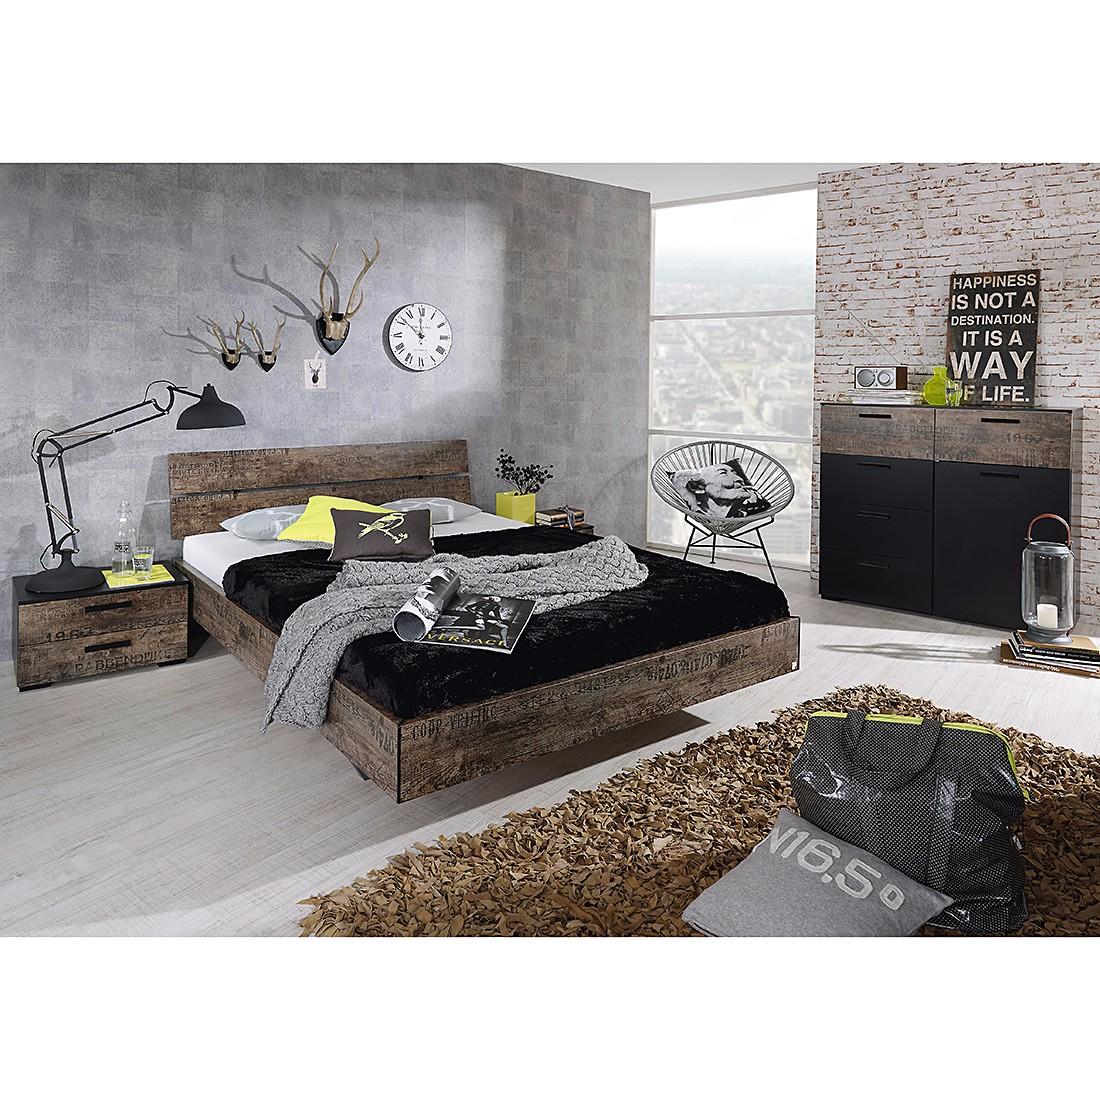 Kommode schlafzimmer braun  Kommode von Rauch Select bei Home24 bestellen | Home24